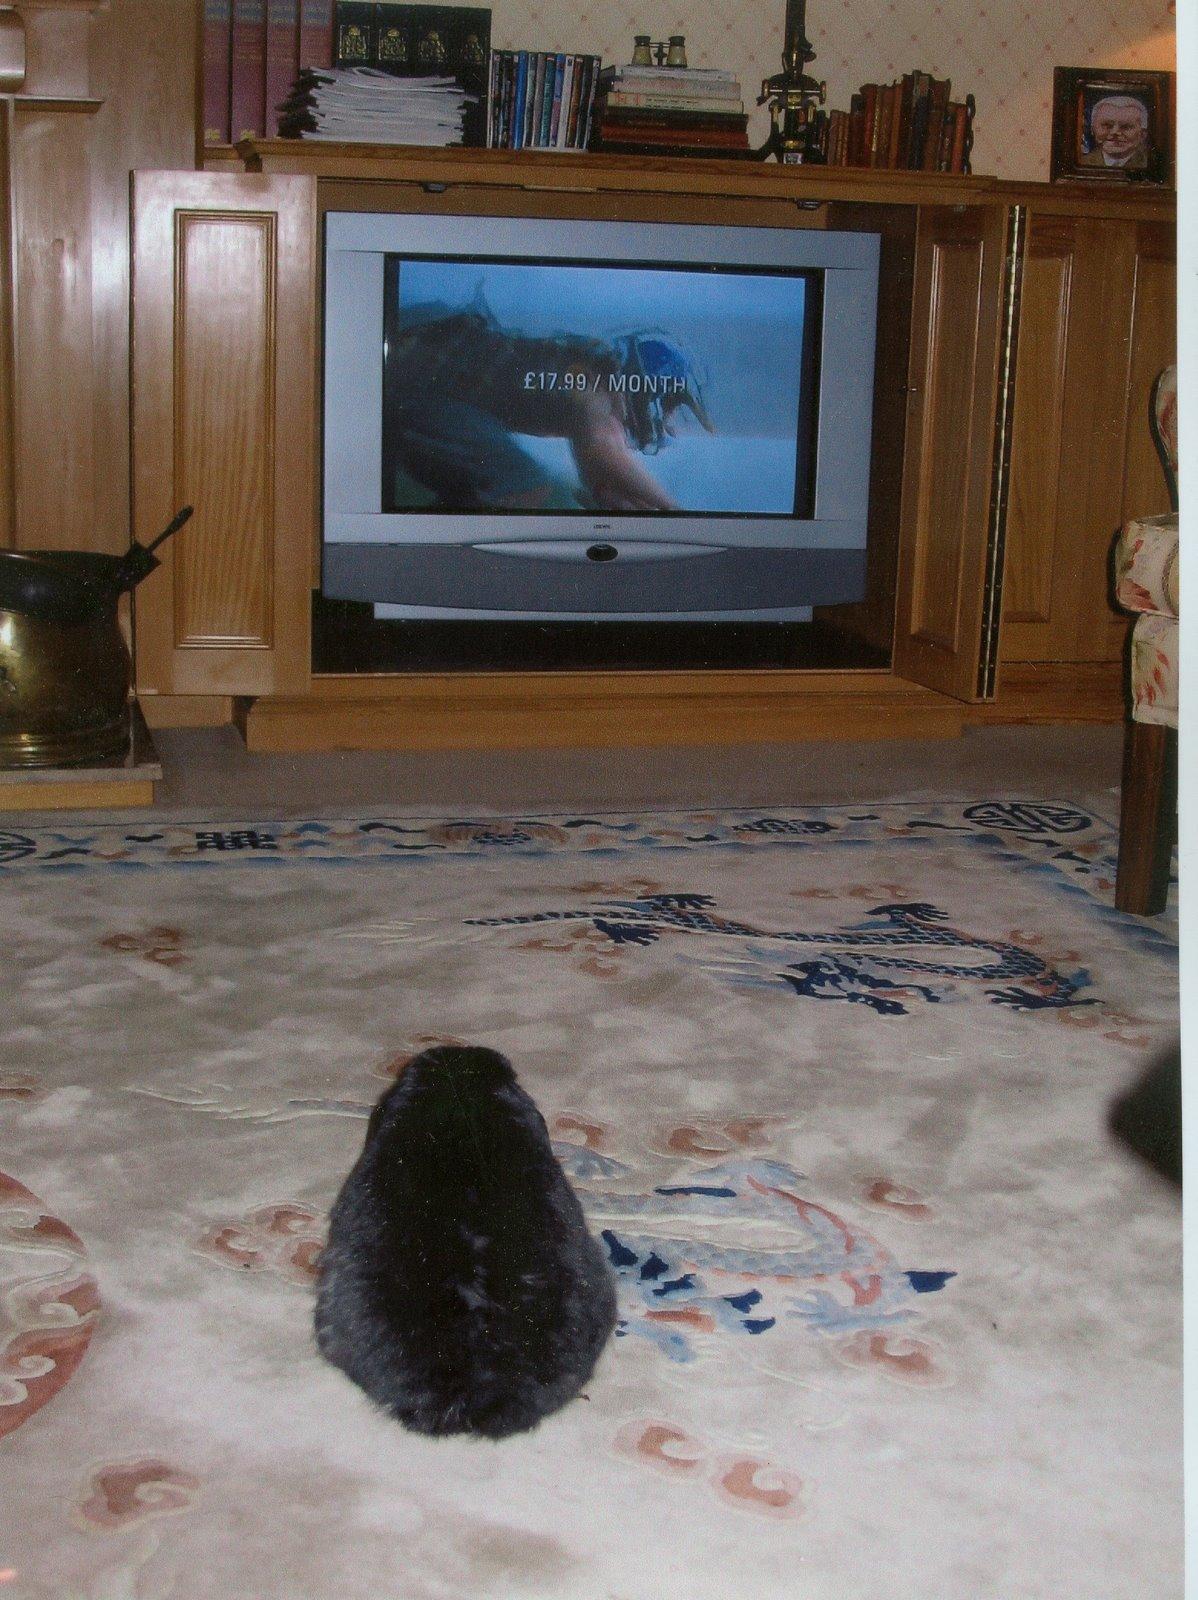 [Harve+watching+TV+copy]